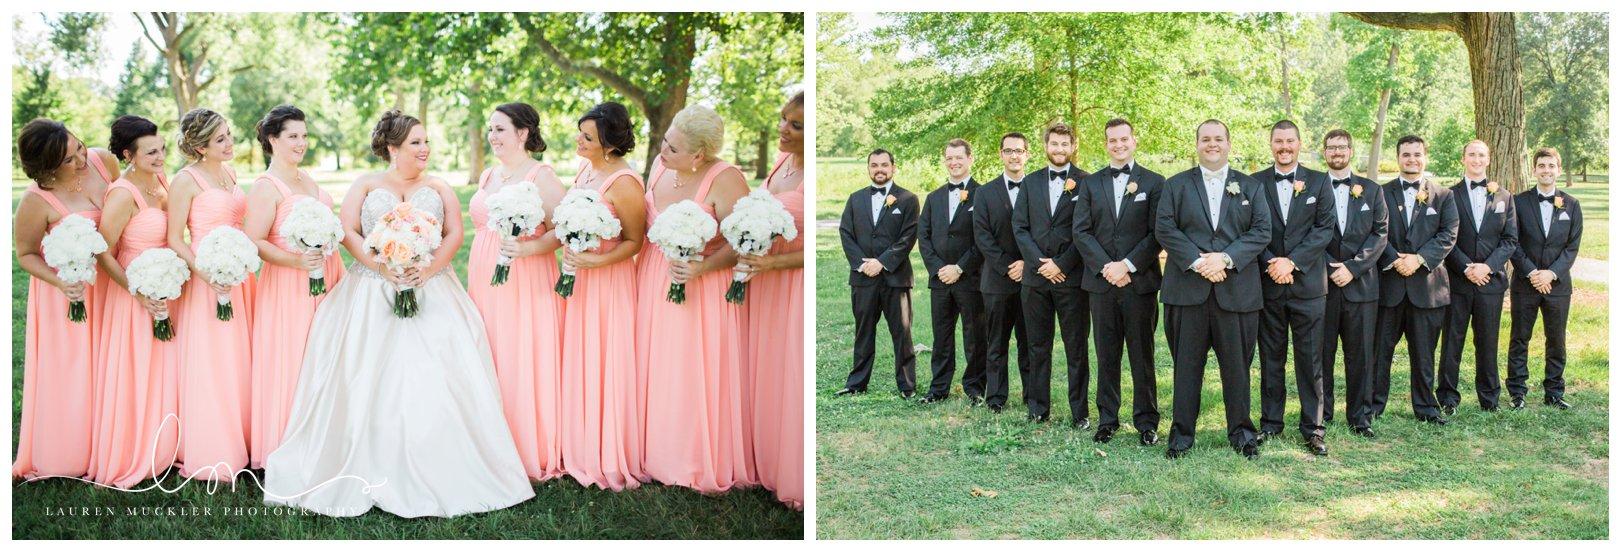 lauren muckler photography_fine art film wedding photography_st louis_photography_0629.jpg